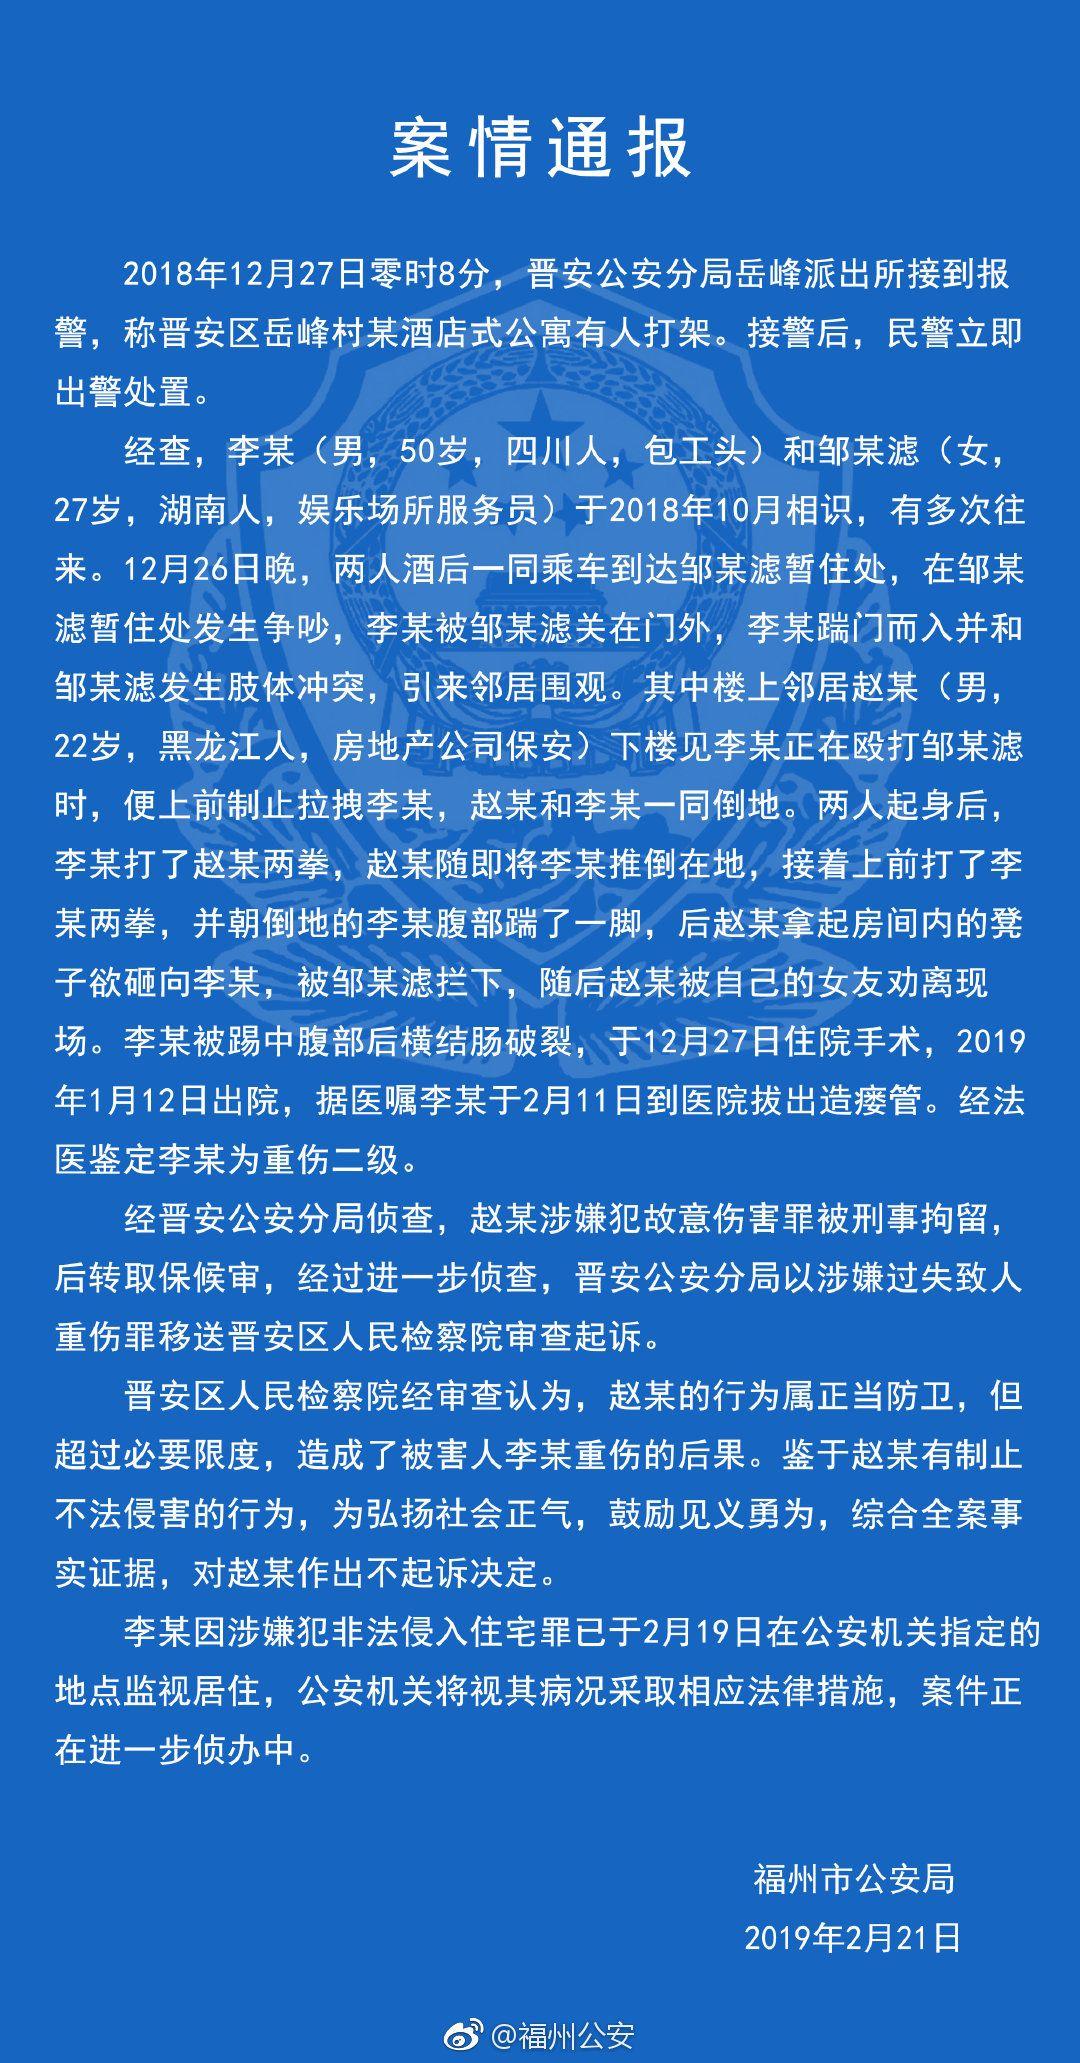 见义勇为还是故意伤害?——带你回顾引发全国热议的赵宇案-群益观察